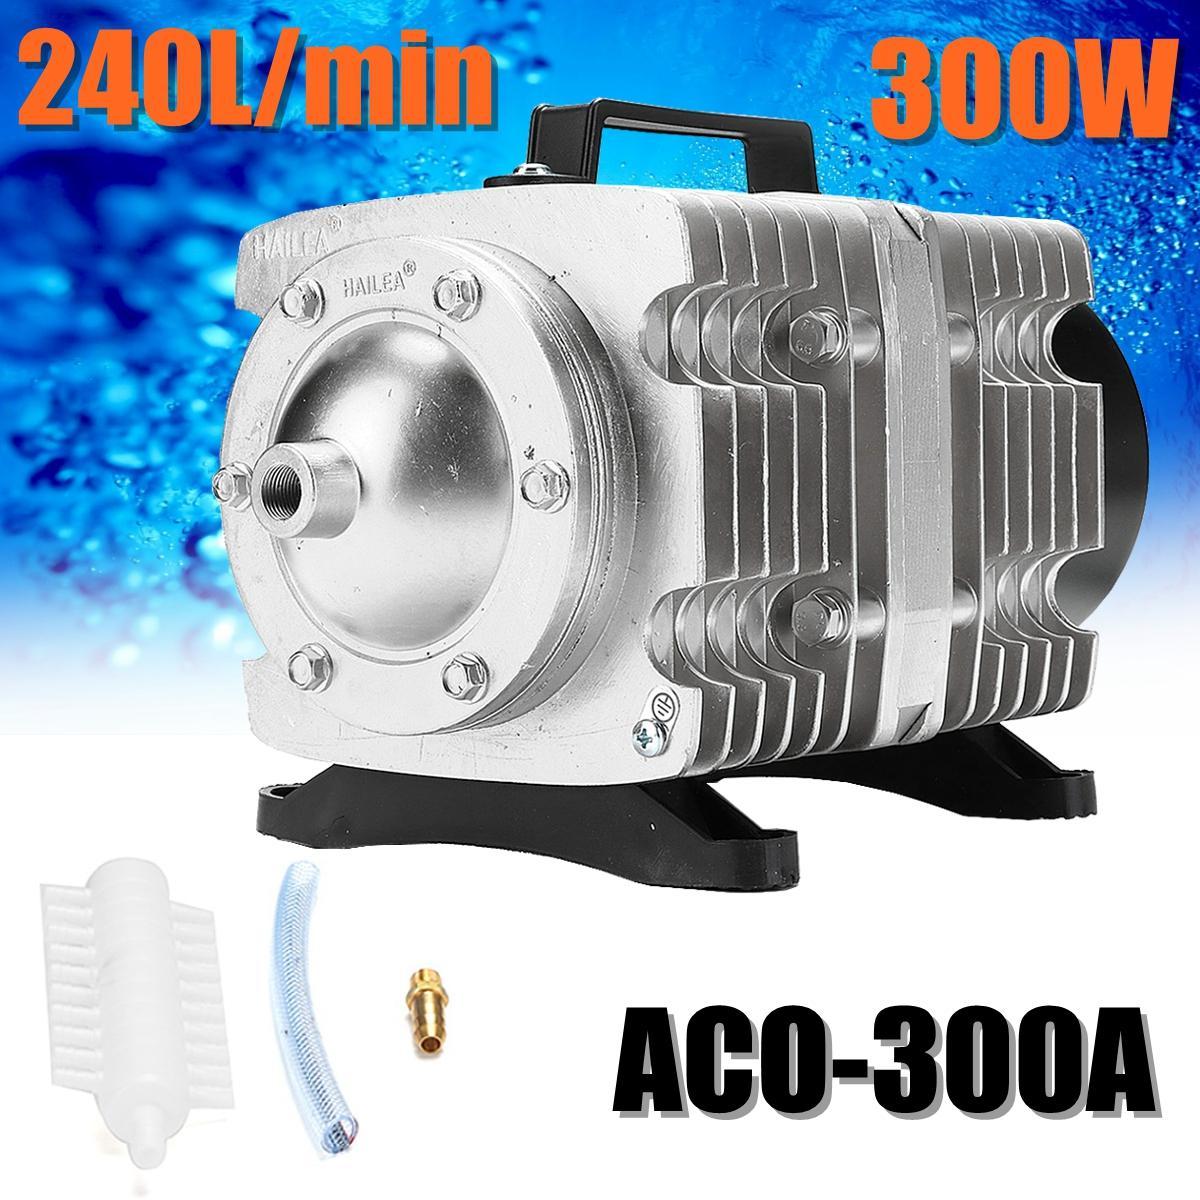 AC 220V Air Compressor ACO300A 0 04Mpa 300W Electromagnetic Aquarium Pump  Air Compressor